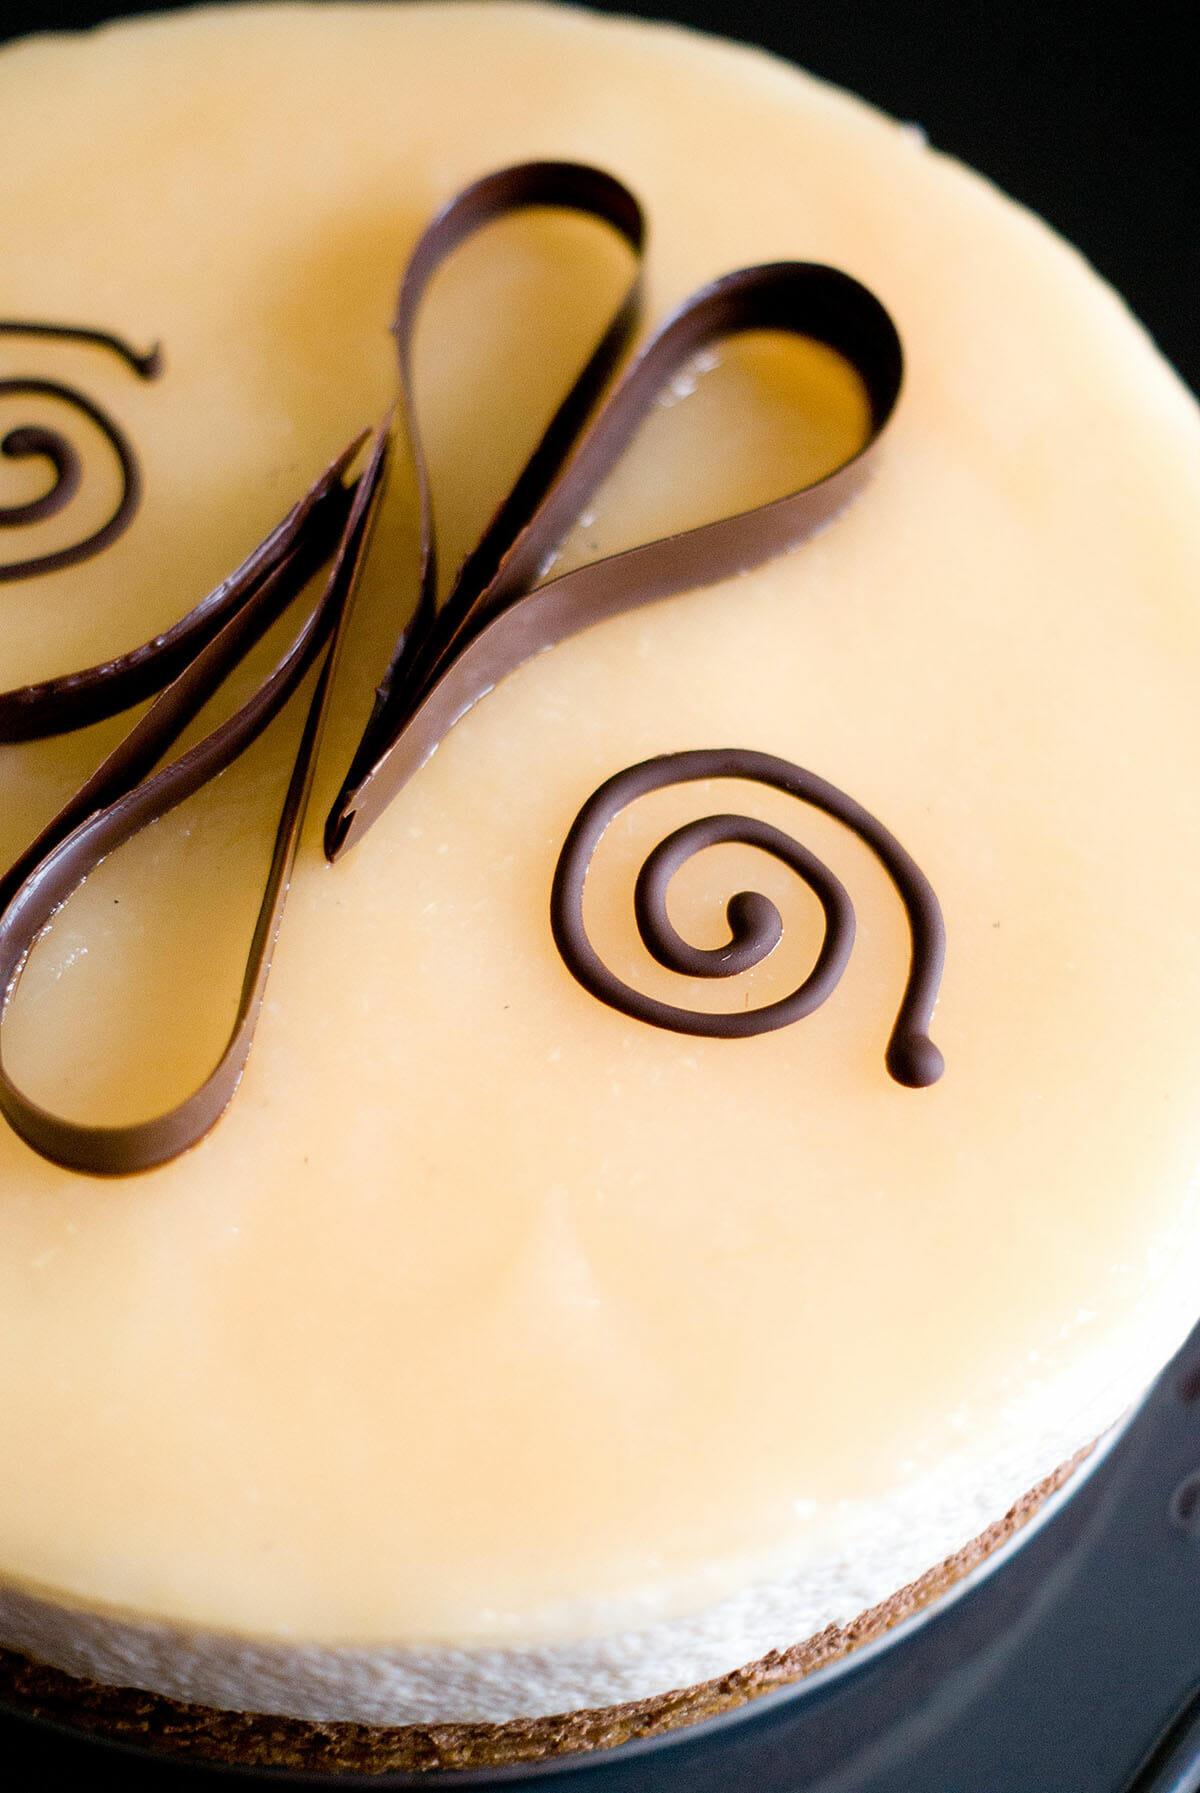 Décor chocolat bavarois entremets - Lilie Bakery